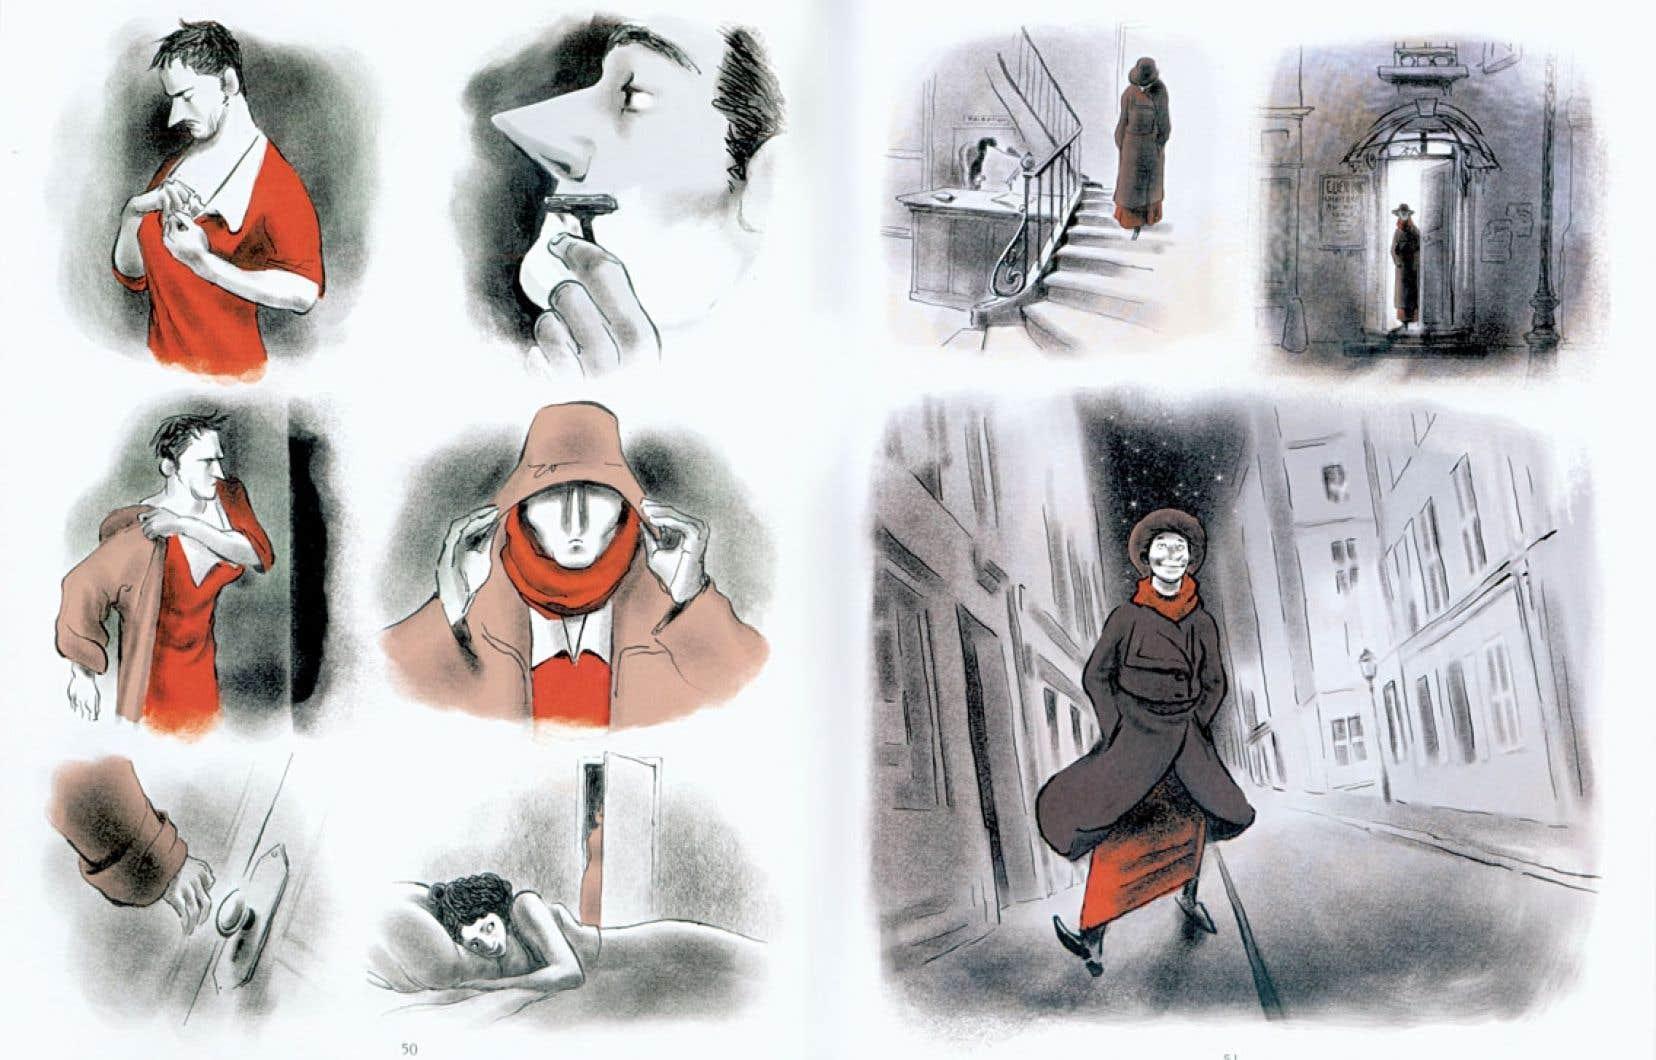 Mauvais genre a été récompensé en raison de la qualité de ses dessins, de ses cadrages et sa mise en scène.